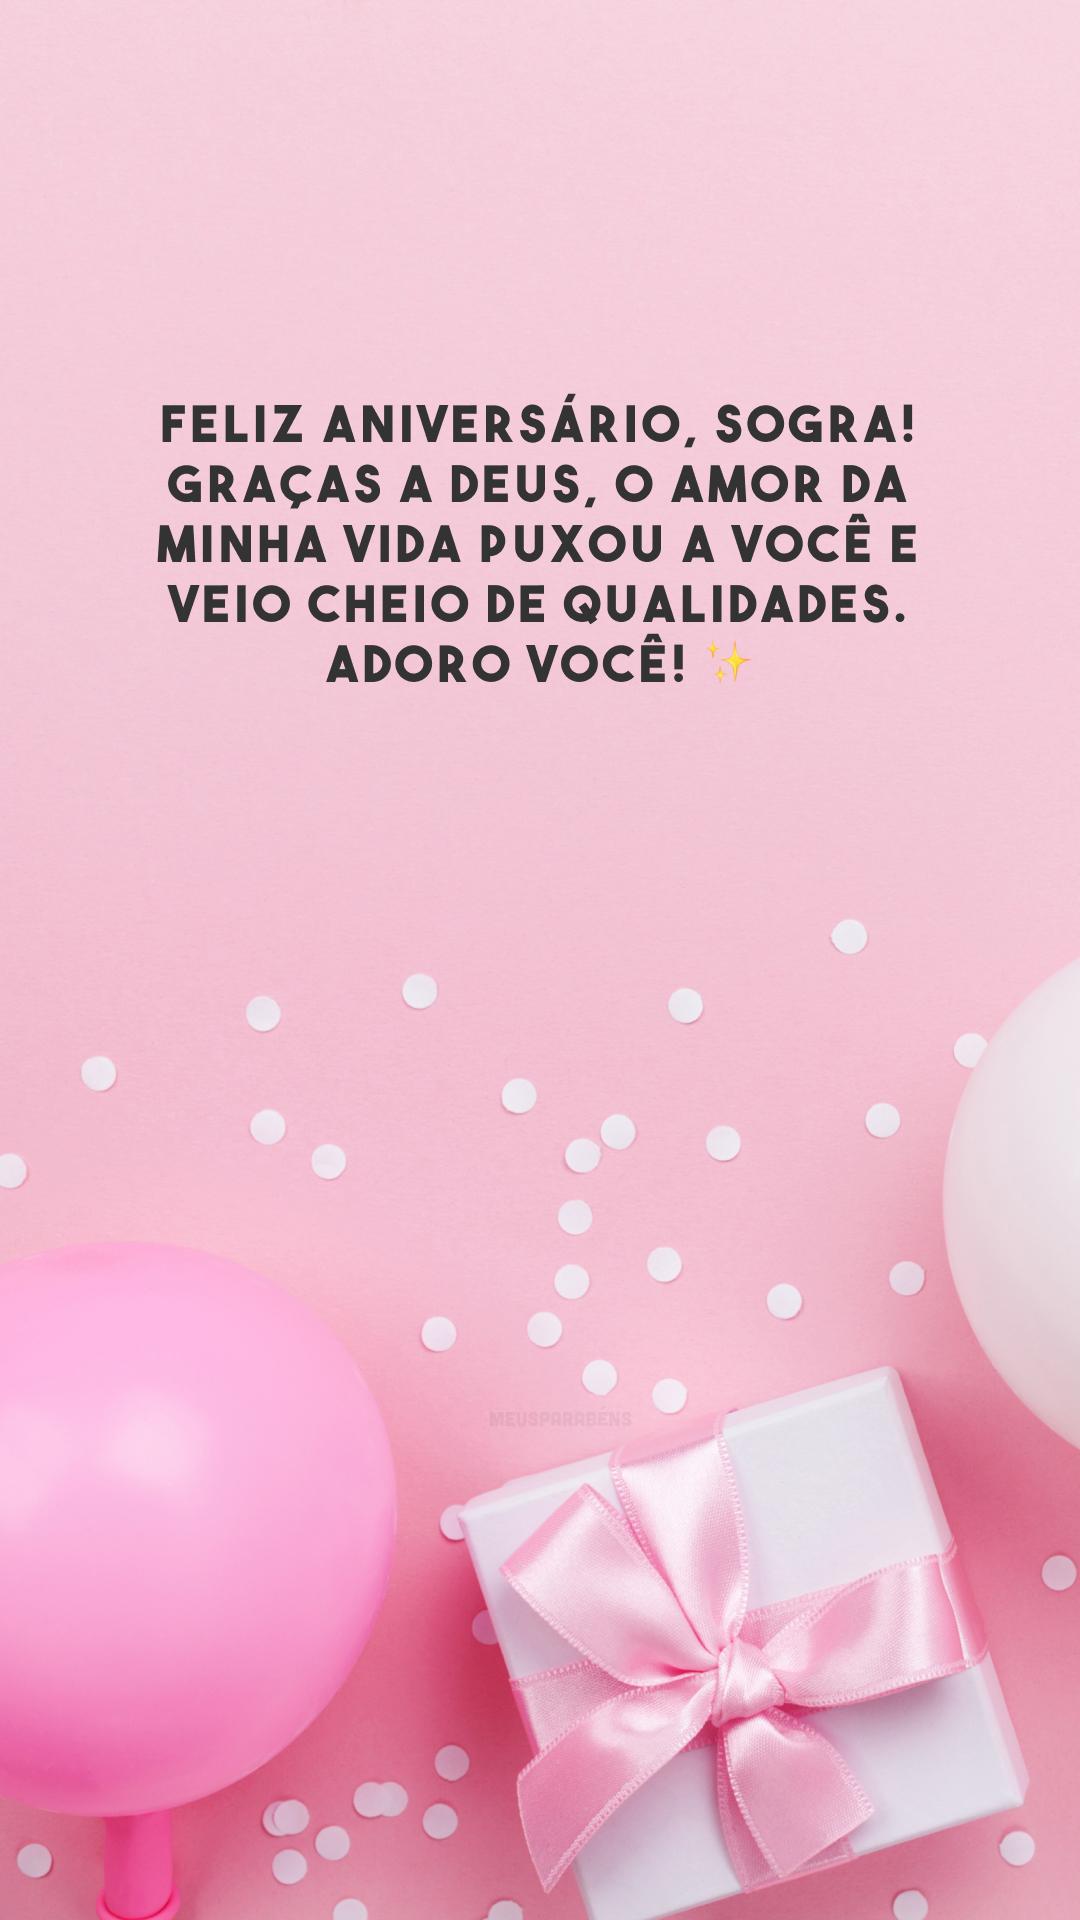 Feliz aniversário, sogra! Graças a Deus, o amor da minha vida puxou a você e veio cheio de qualidades. Adoro você! ✨